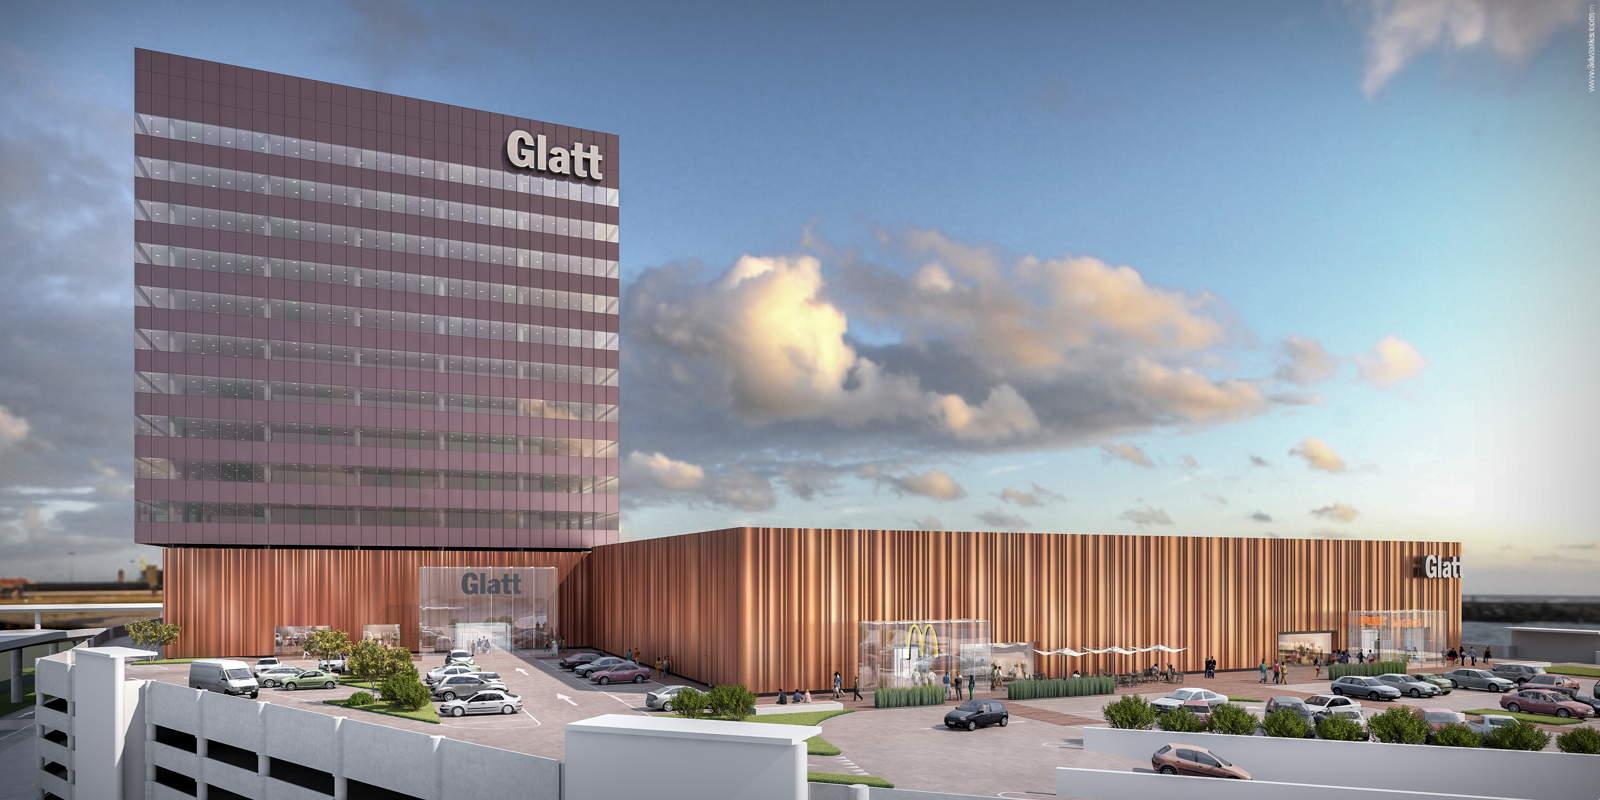 Visualisierung Glatt Einkaufszentrum, Schweiz - Michelgroup